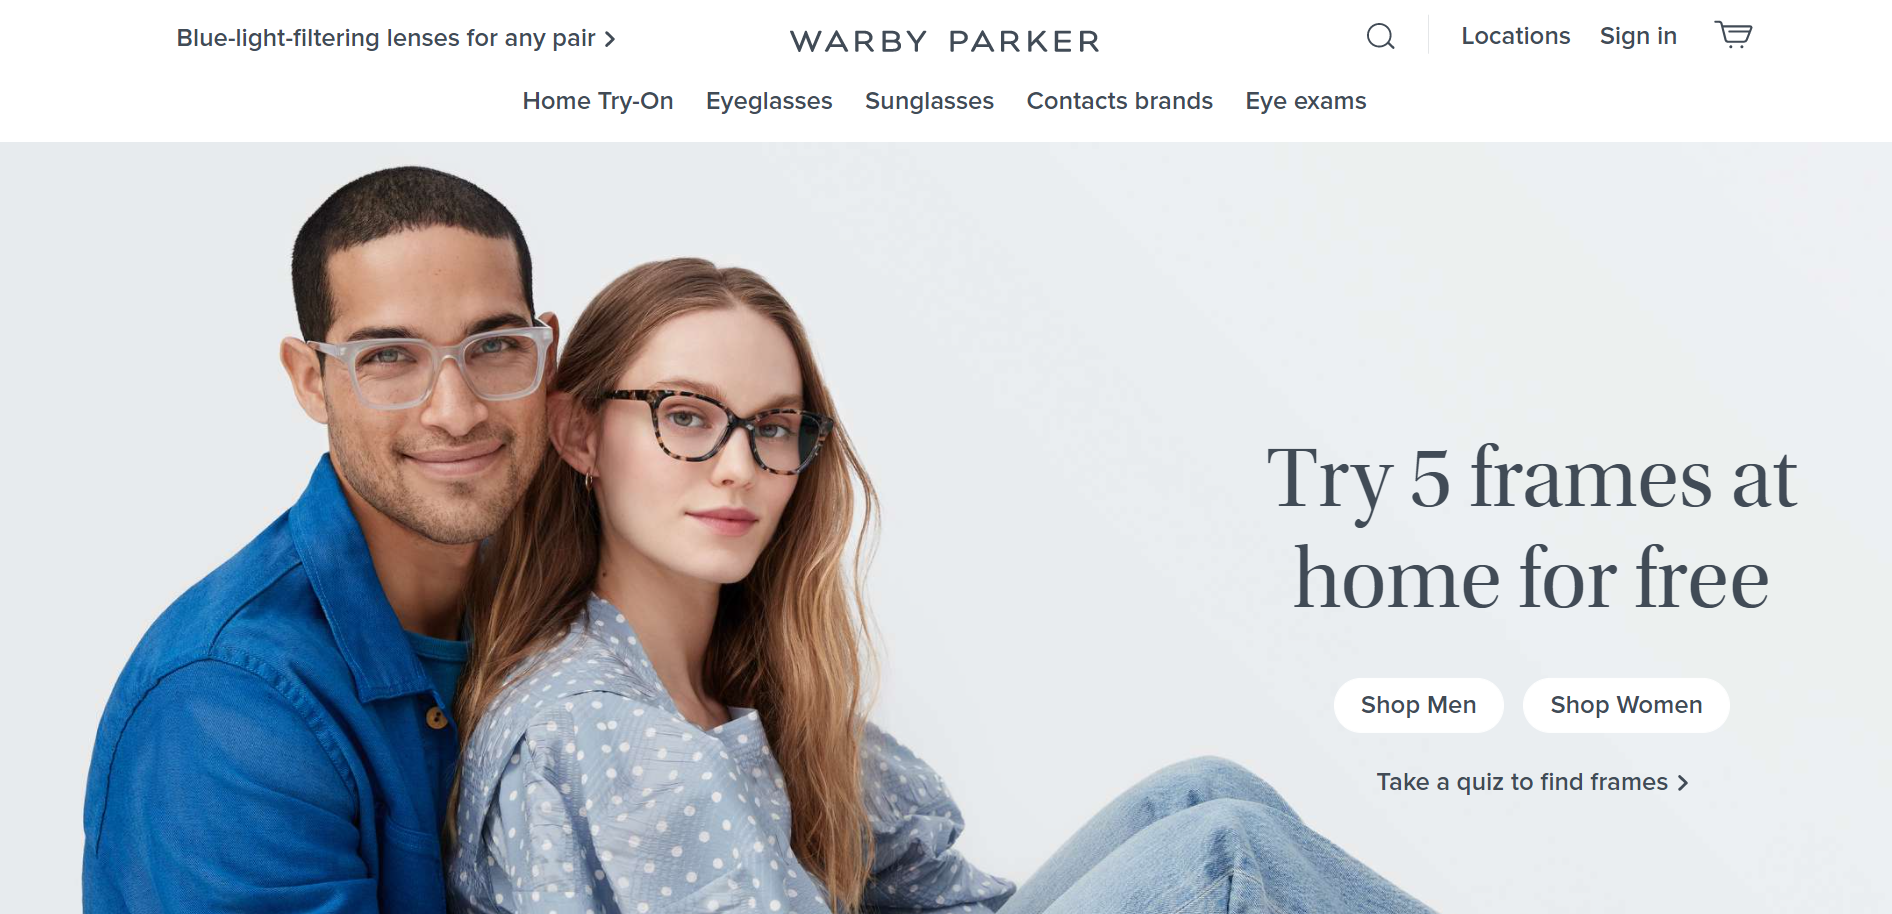 传:美利坚合众国互联网络镜子权威 Warby Parker 安置在本年请求IPO